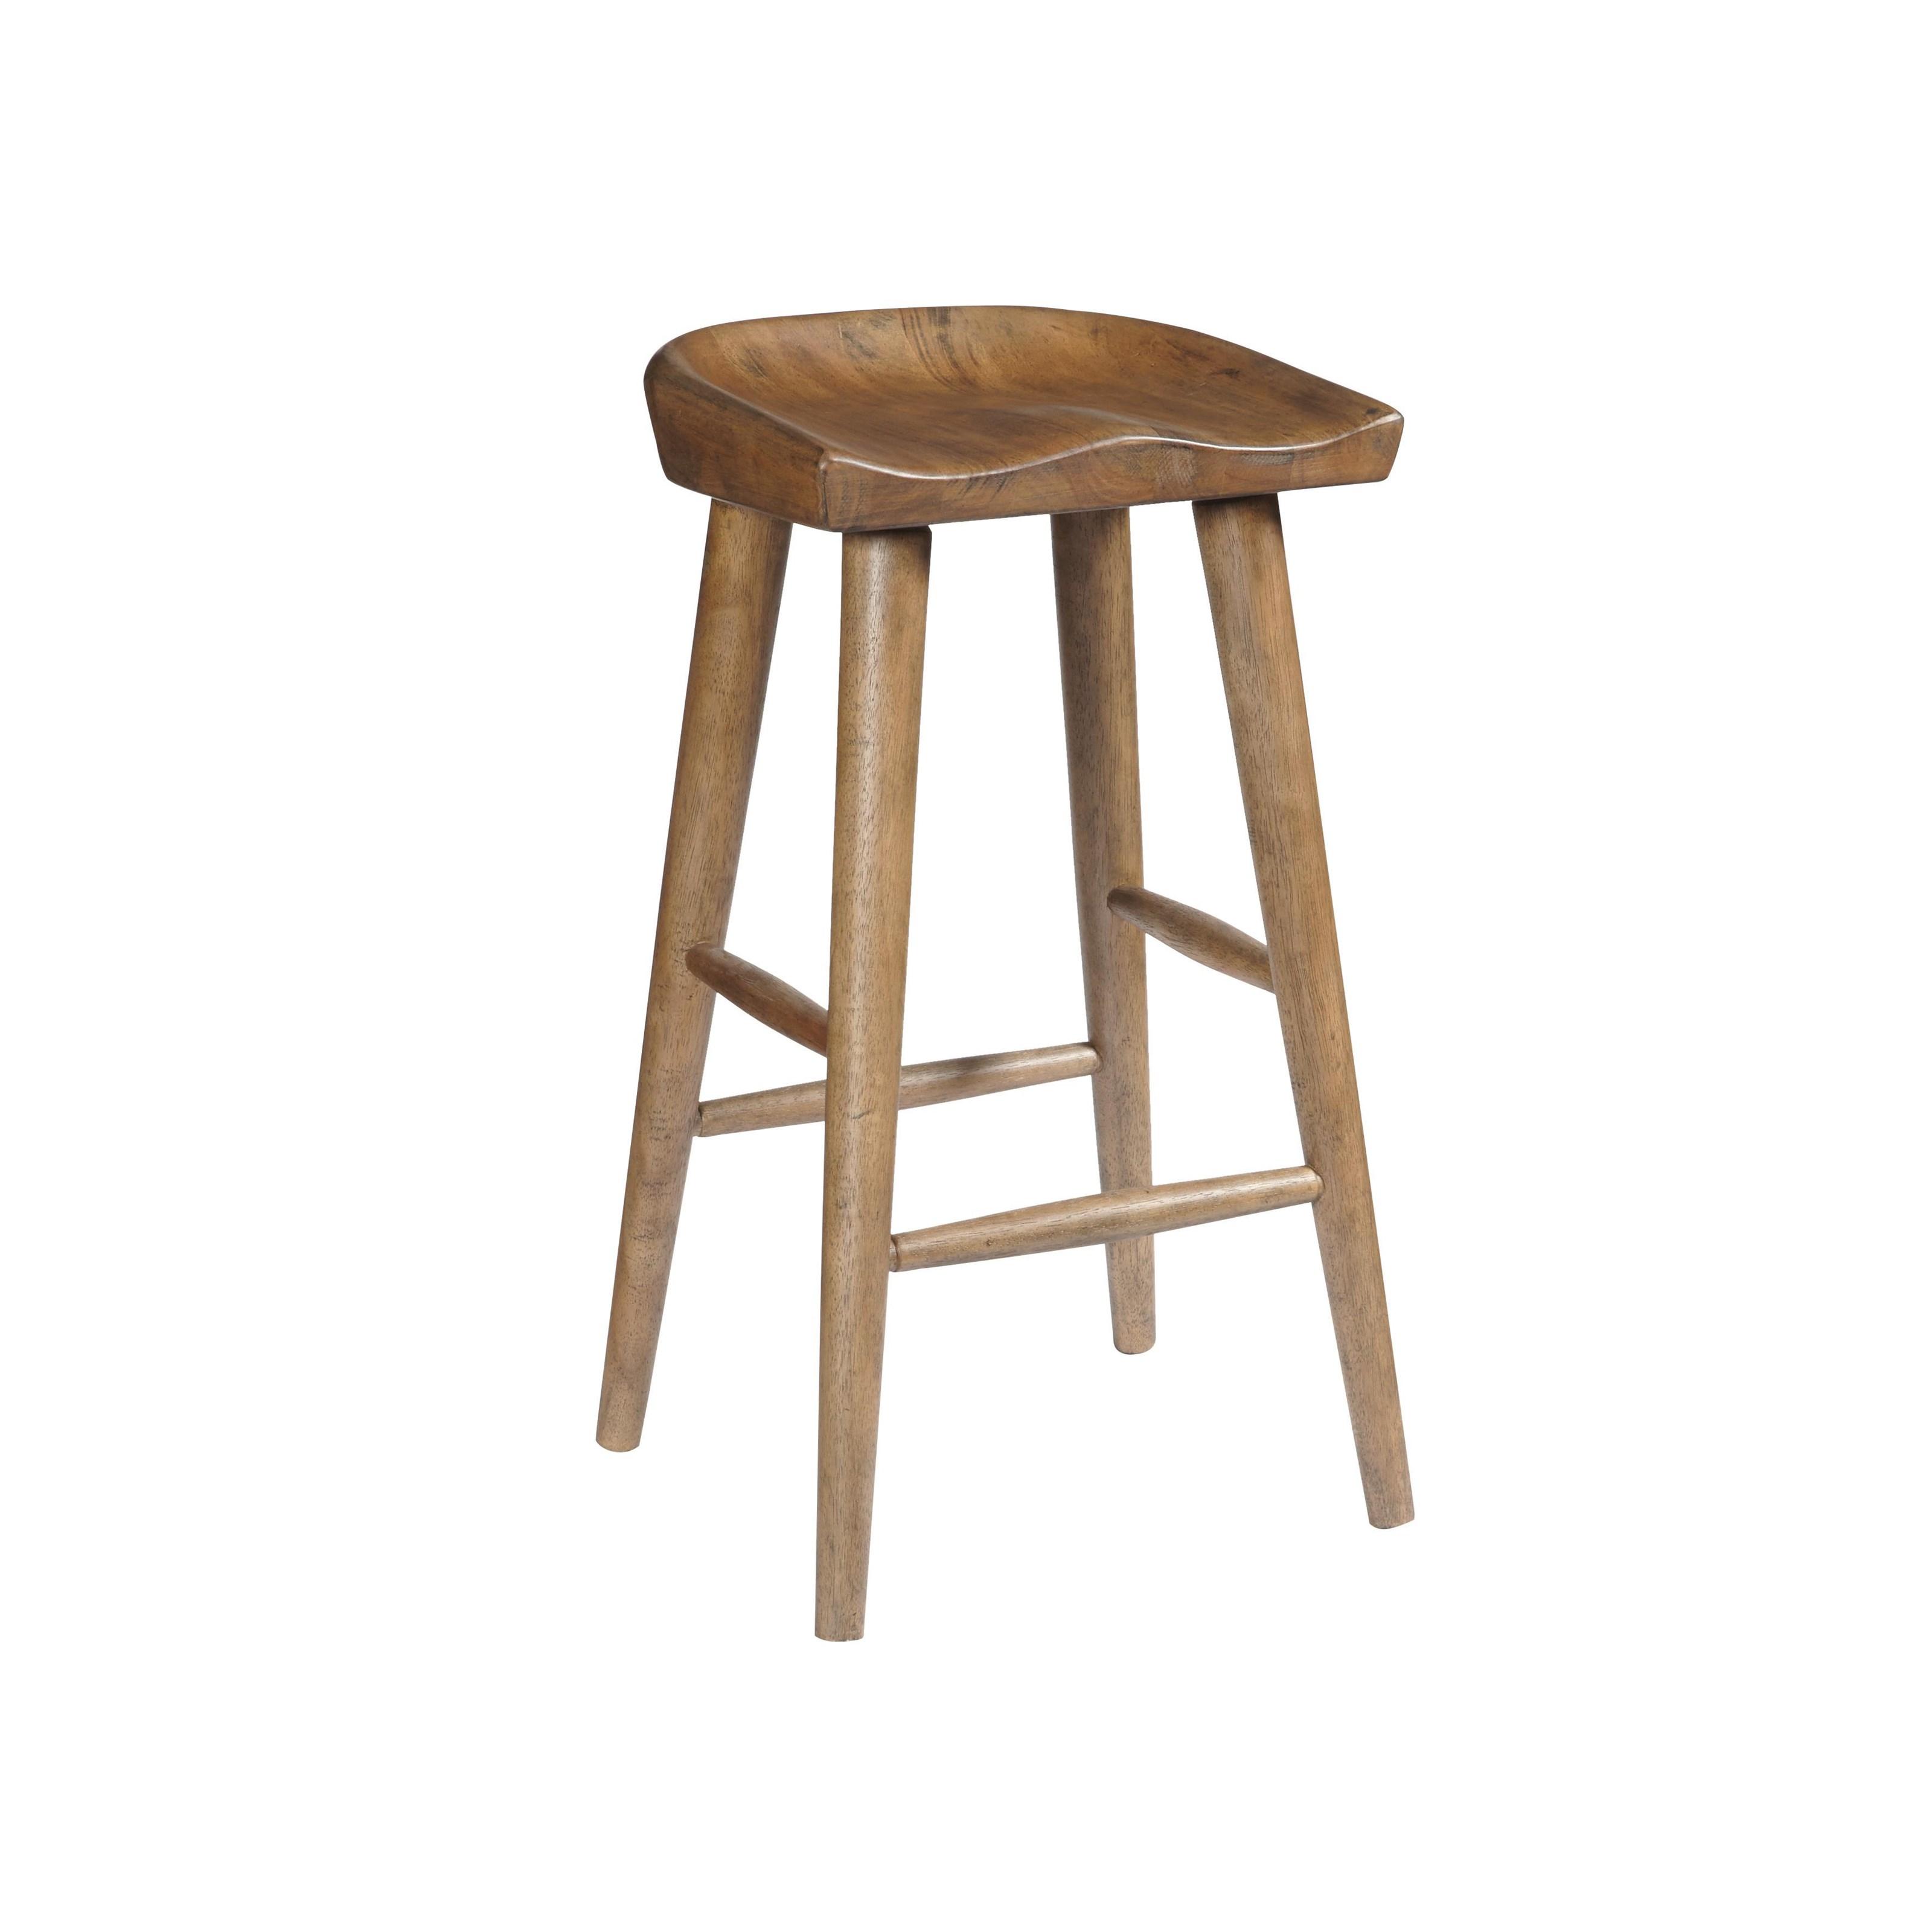 """Frankenberg Frankenberg 24"""" Bar stool by Samuel Lawrence at Morris Home"""